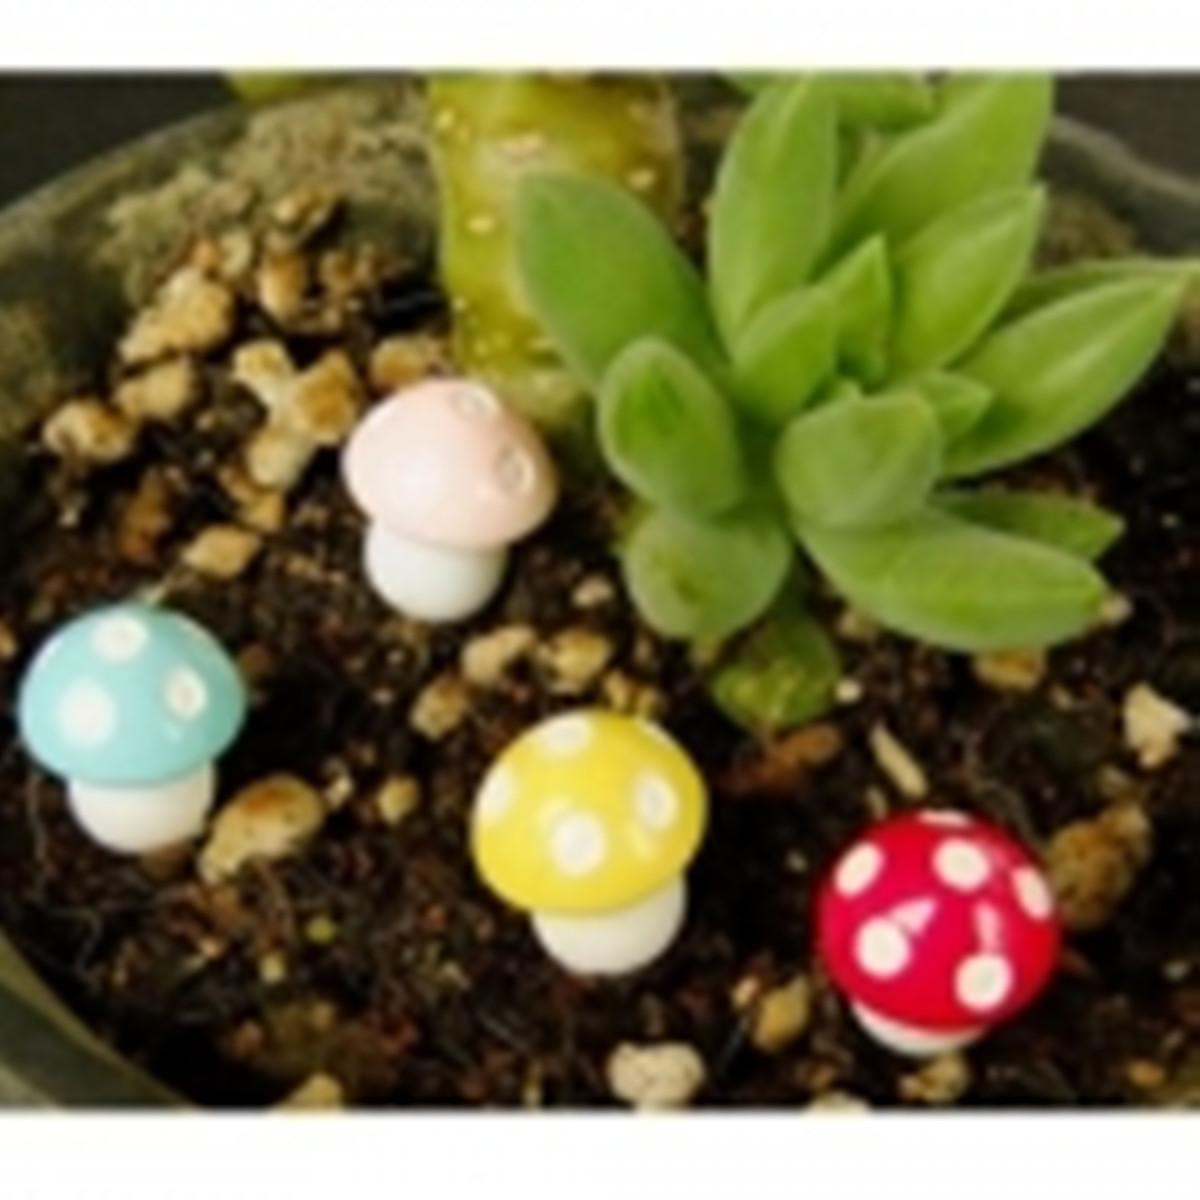 9 estilo miniatura jard n terrario hongo seta decoraci n for Setas decoracion